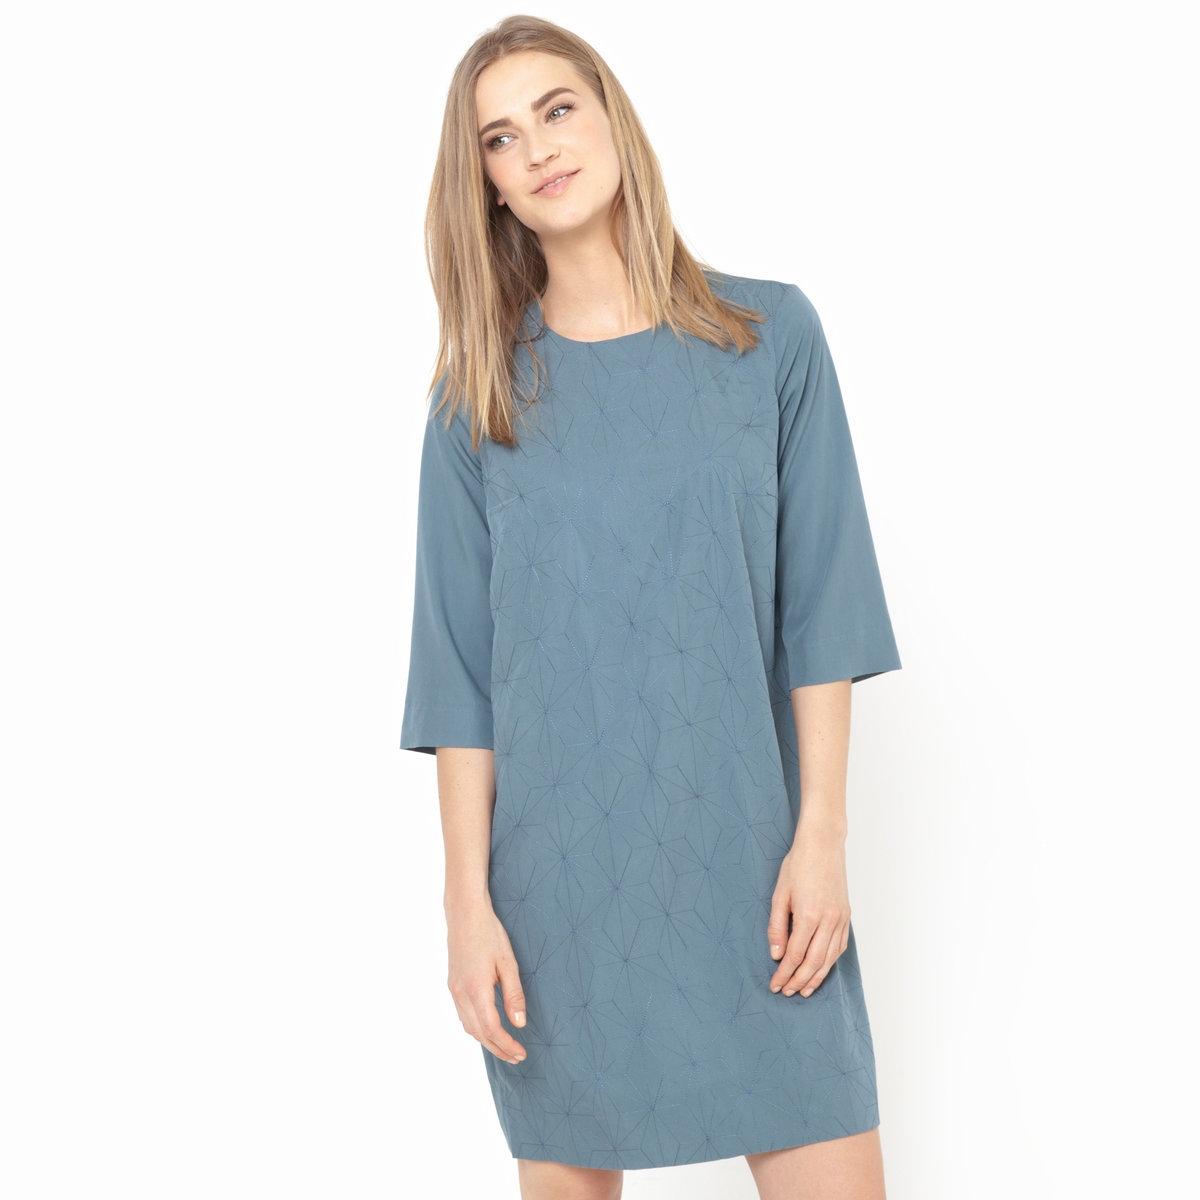 Платье с вышивкой, рукава 3/4Платье - NOA NOA. Рукава 3/4. Геометрическая вышивка спереди. Застежка сзади.Платье из 70% модала и 30% полиэстера.<br><br>Цвет: серо-зеленый<br>Размер: 36 (FR) - 42 (RUS)